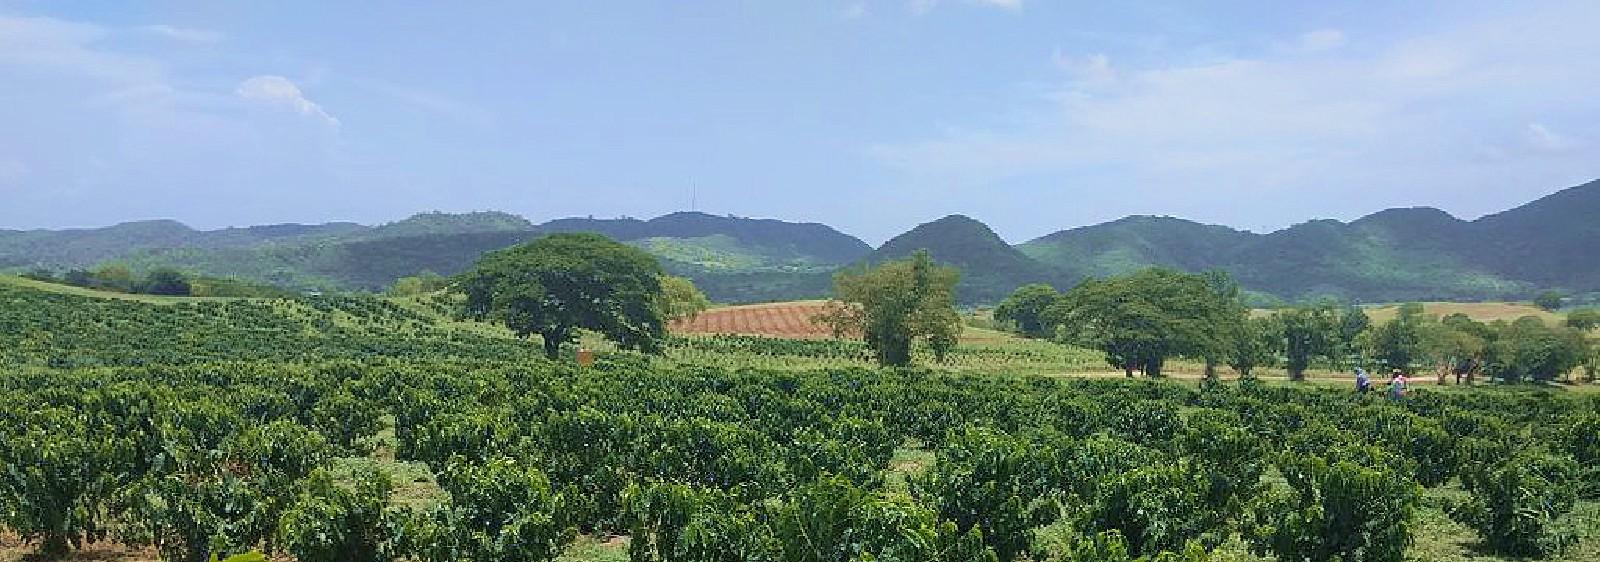 Grоwіng Trорісаl Fruit Trees